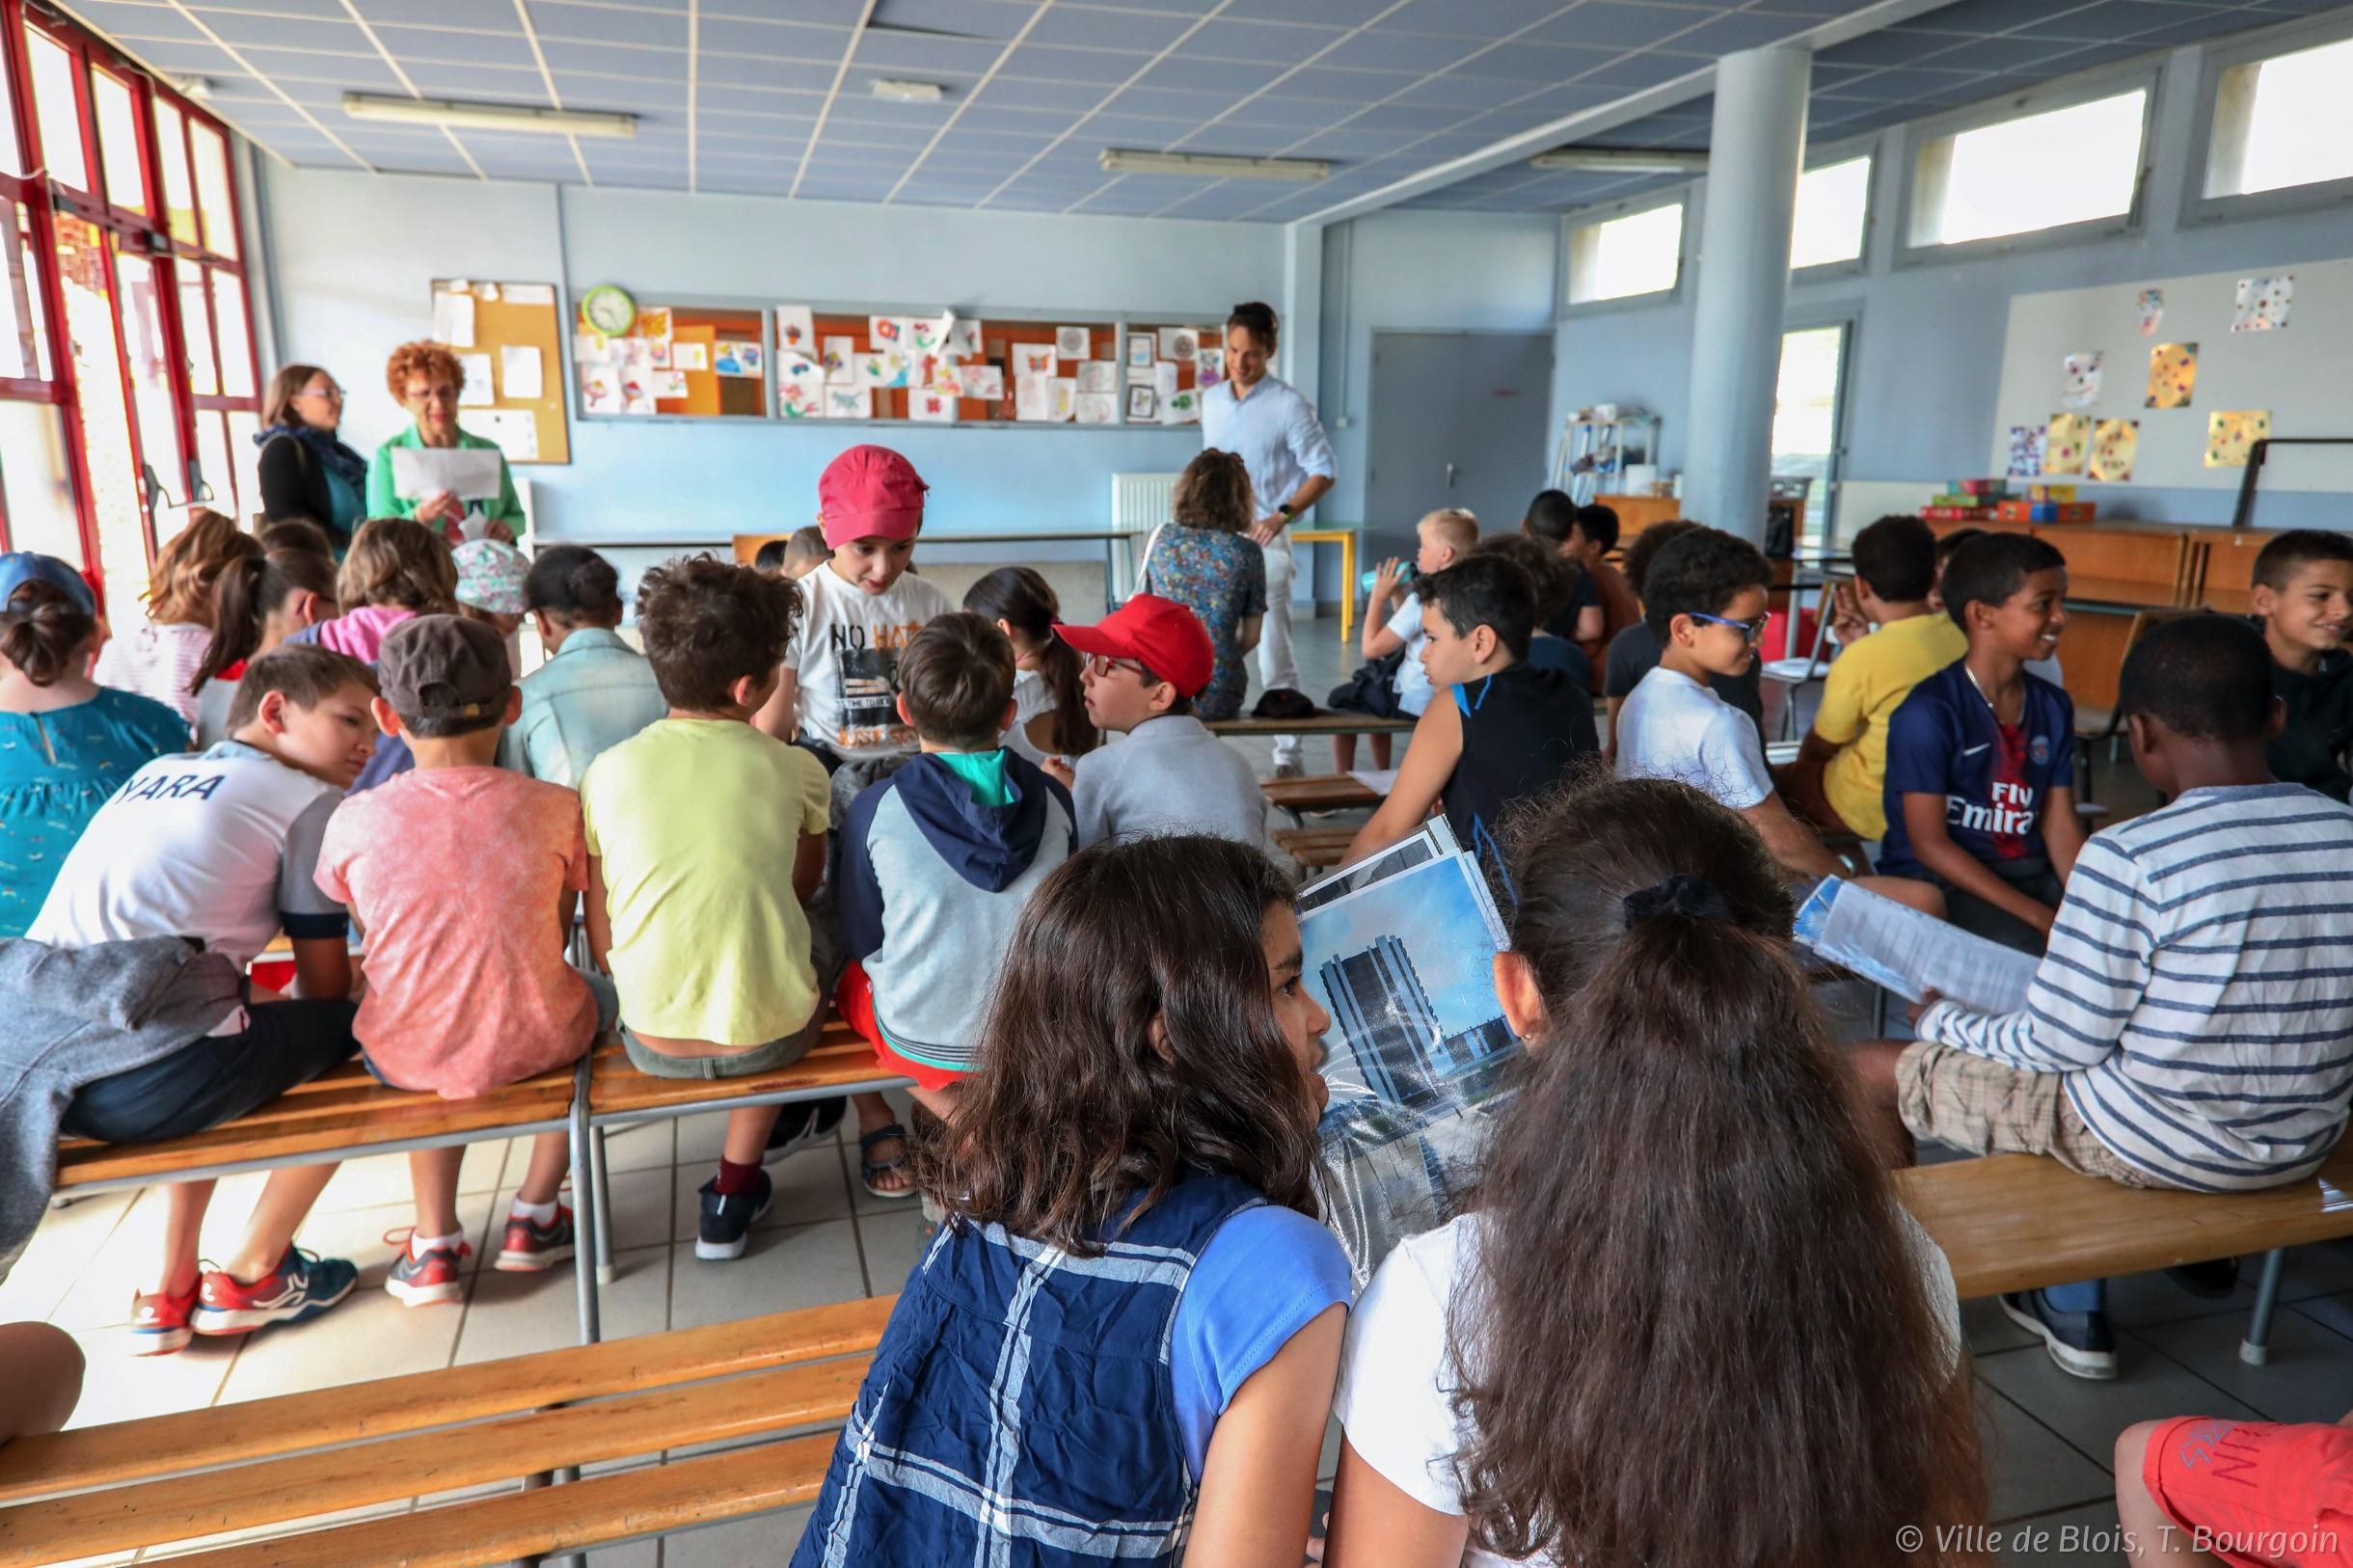 Des enfants rassemblés dans une classe échangent entre eux.